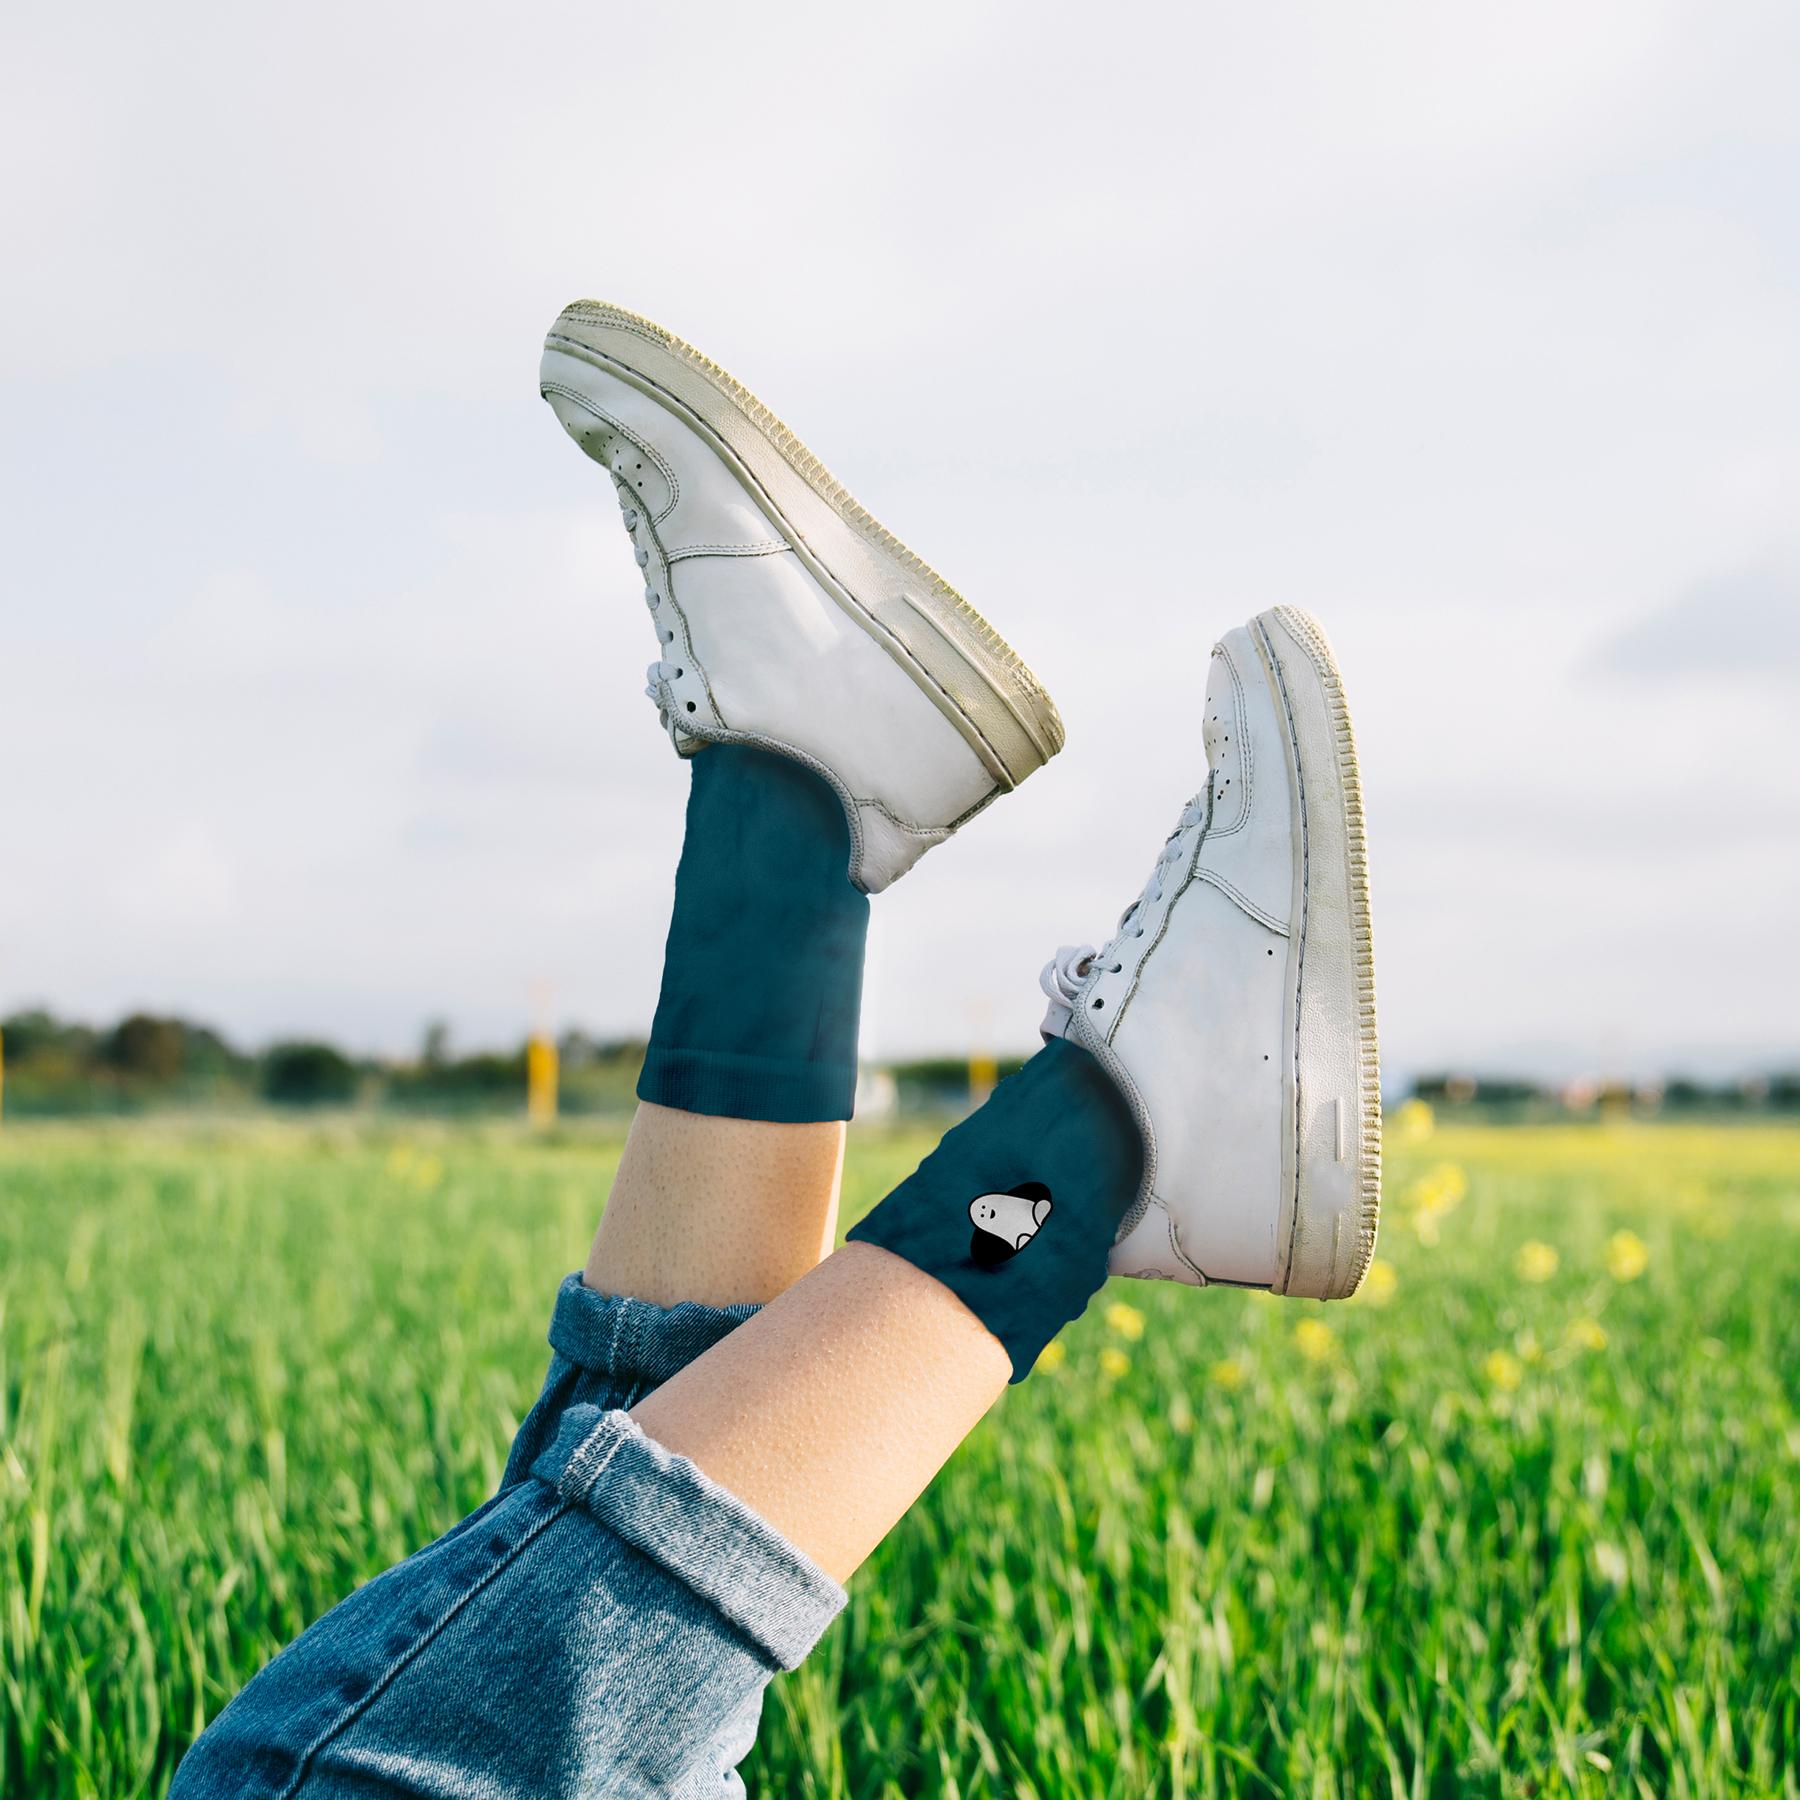 socks on leg